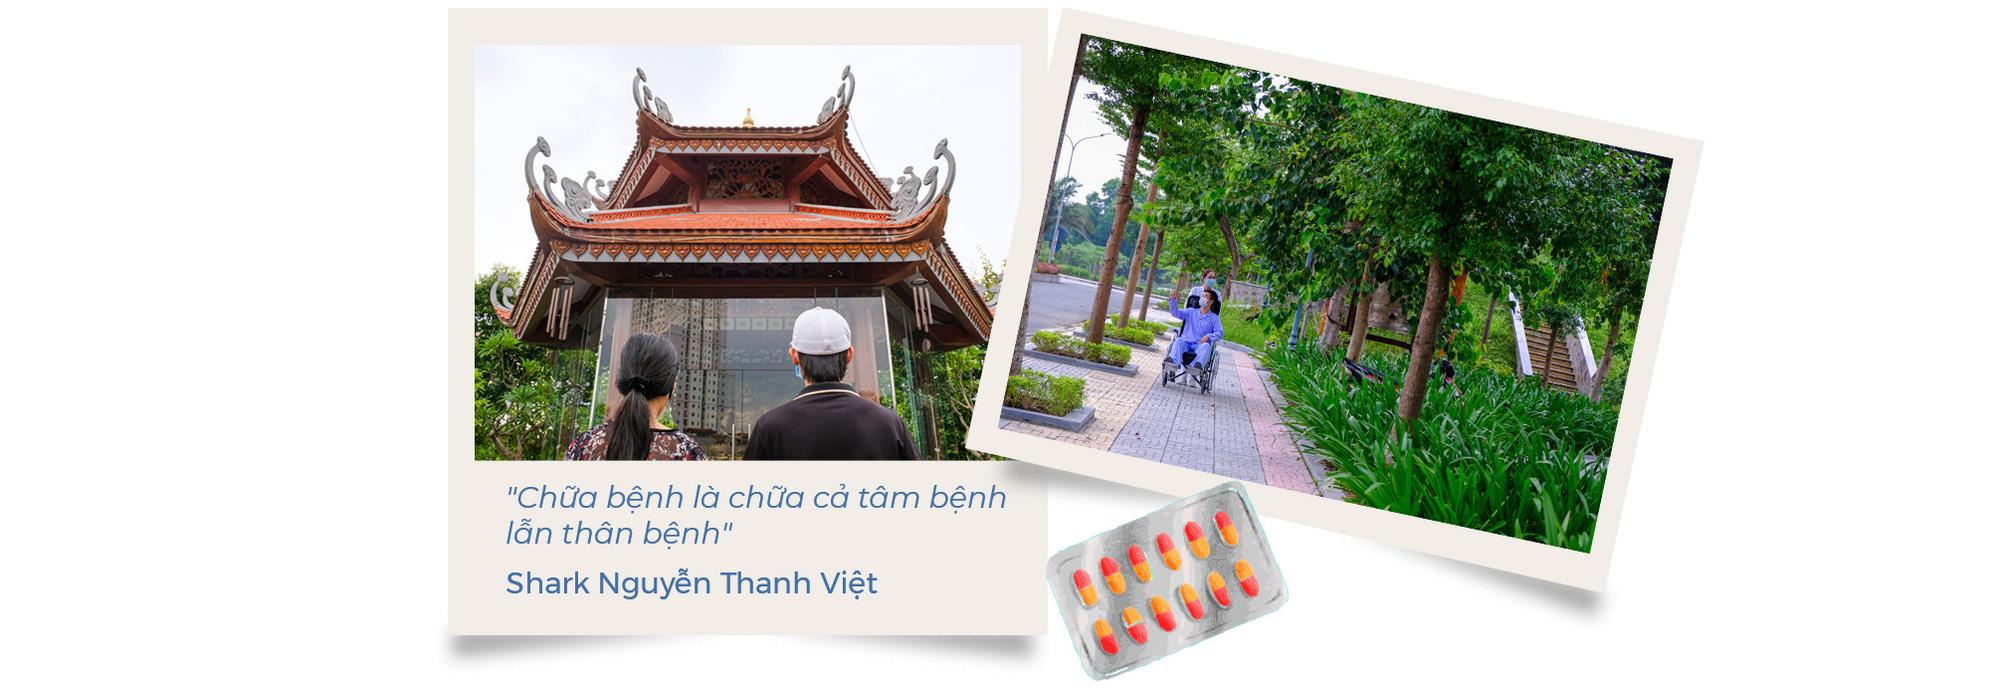 """Cuộc đầu tư mạo hiểm nhất của Shark Việt: Bệnh viện Khách sạn hàng ngàn cây xanh – nơi """"dưỡng thân tâm"""" của người dân Thủ đô - Ảnh 7."""